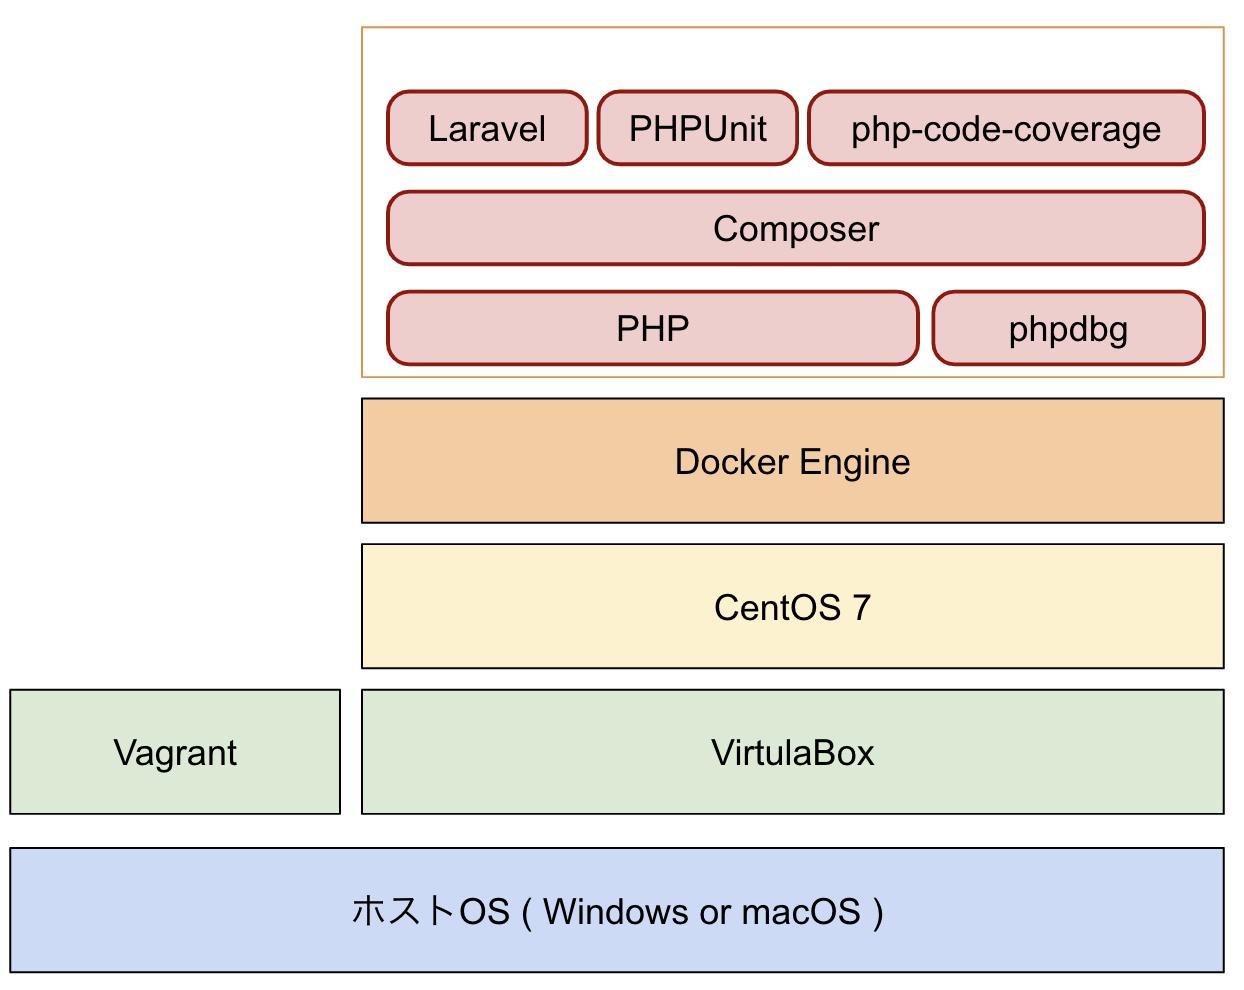 phpunit テストカバレッジをhtmlレポートで出力 phpdbg php code